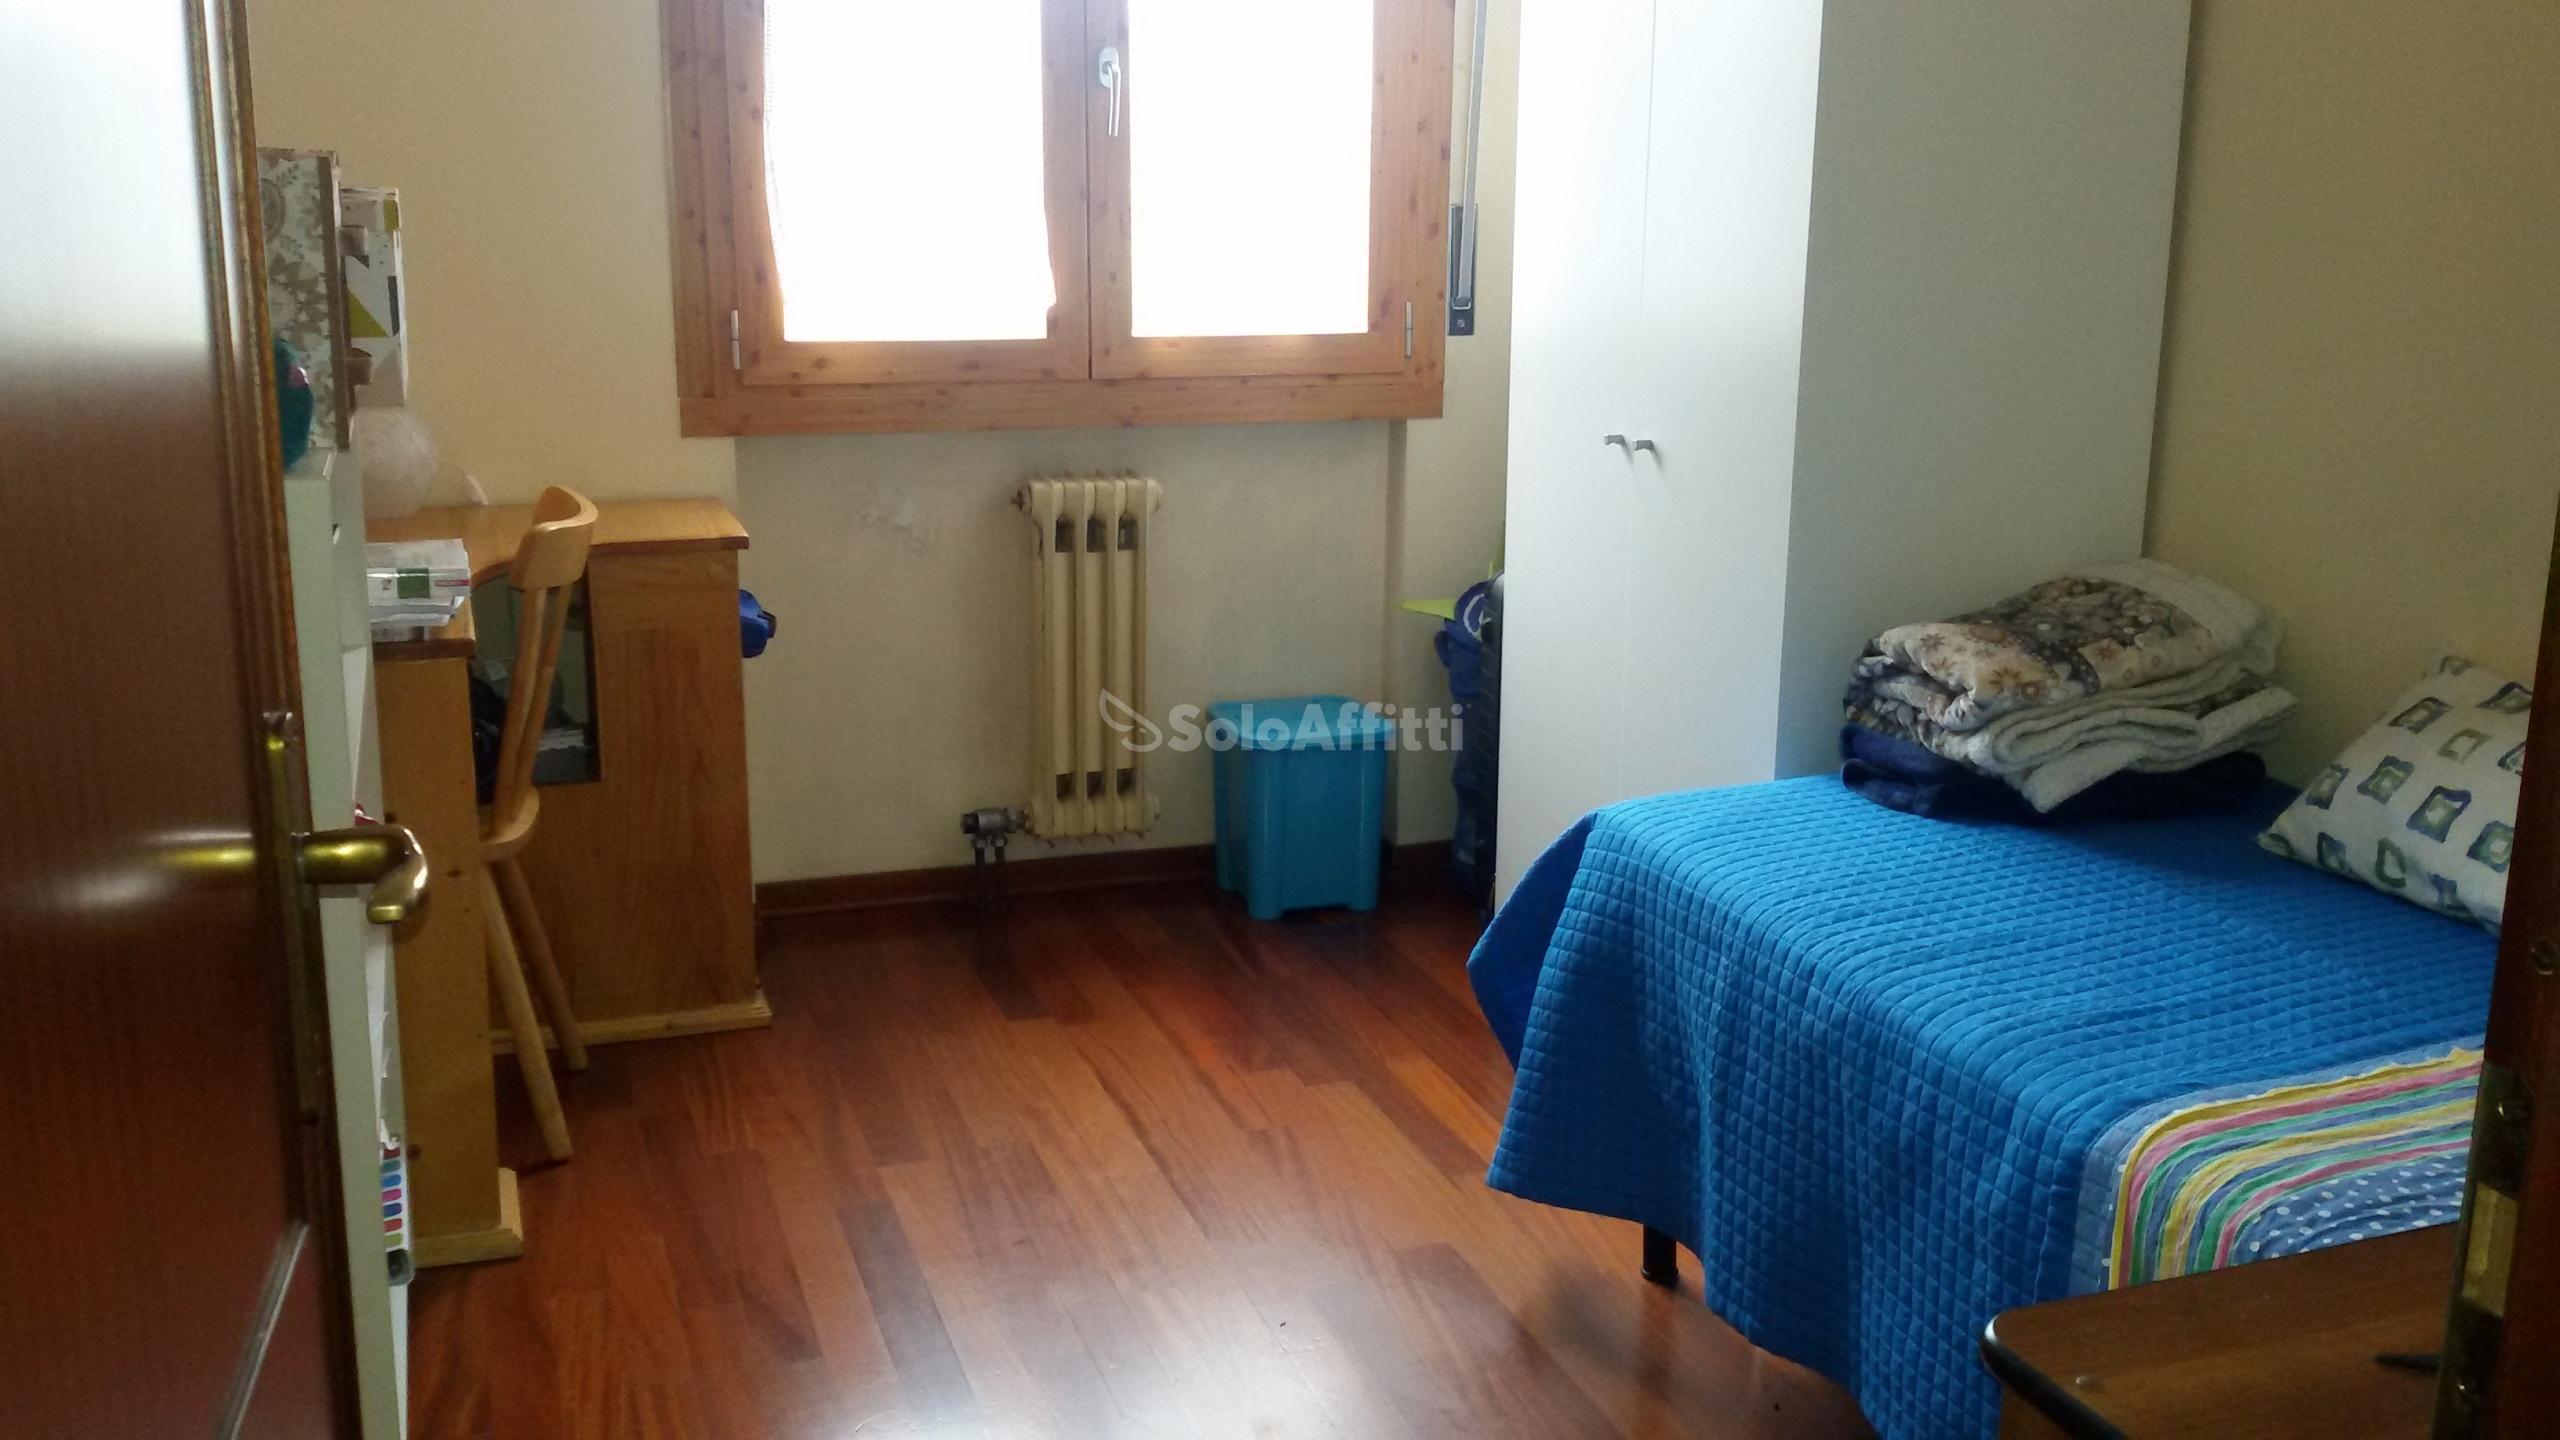 SoloAffittiParma1,stanza singola zona Campus